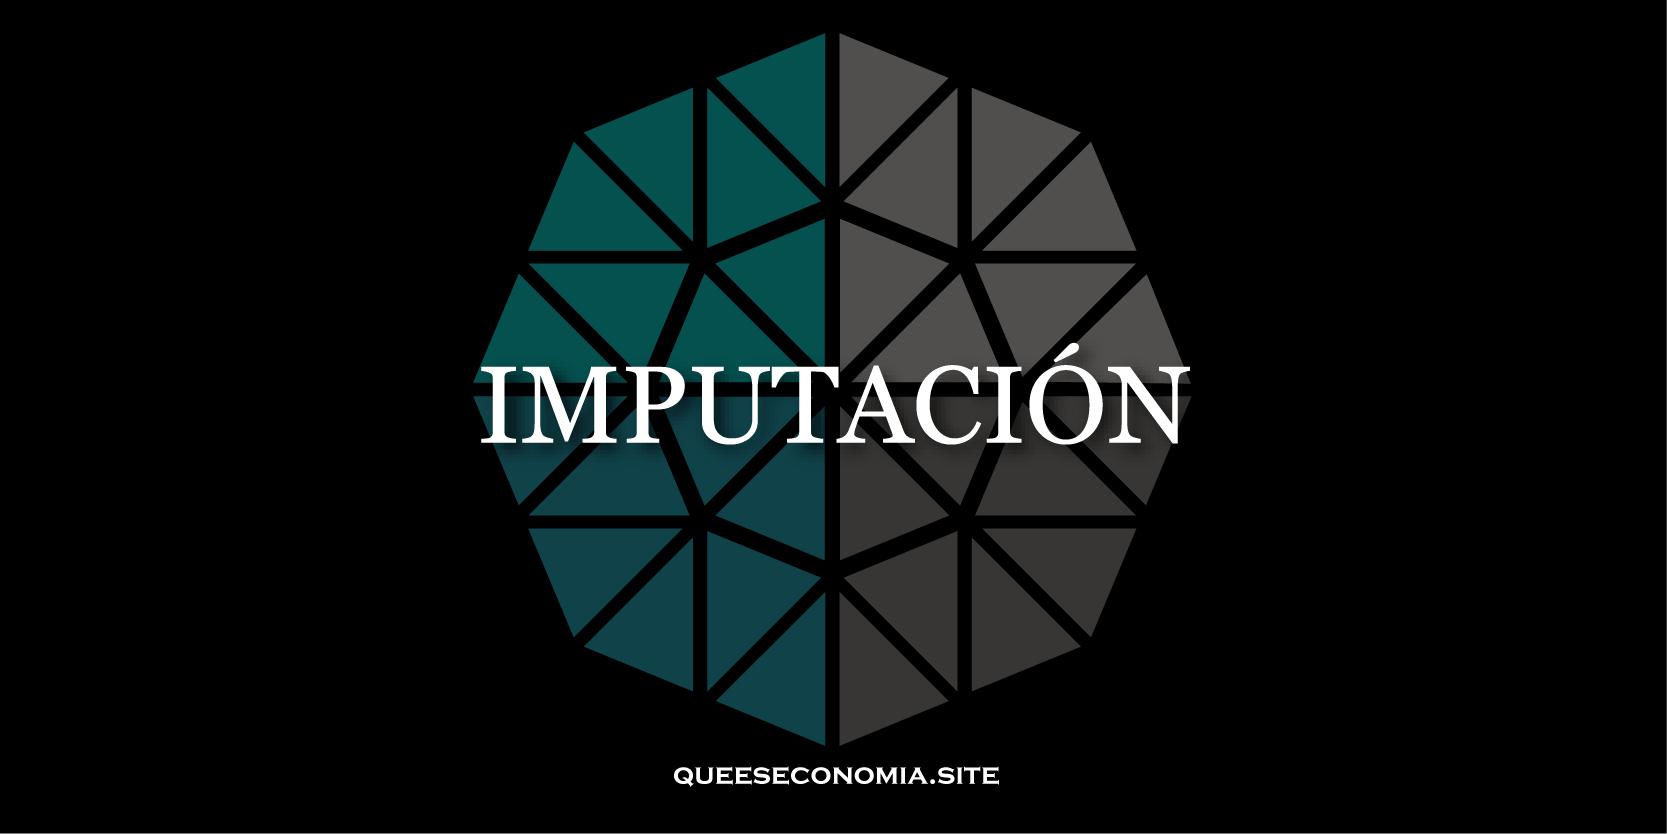 imputación